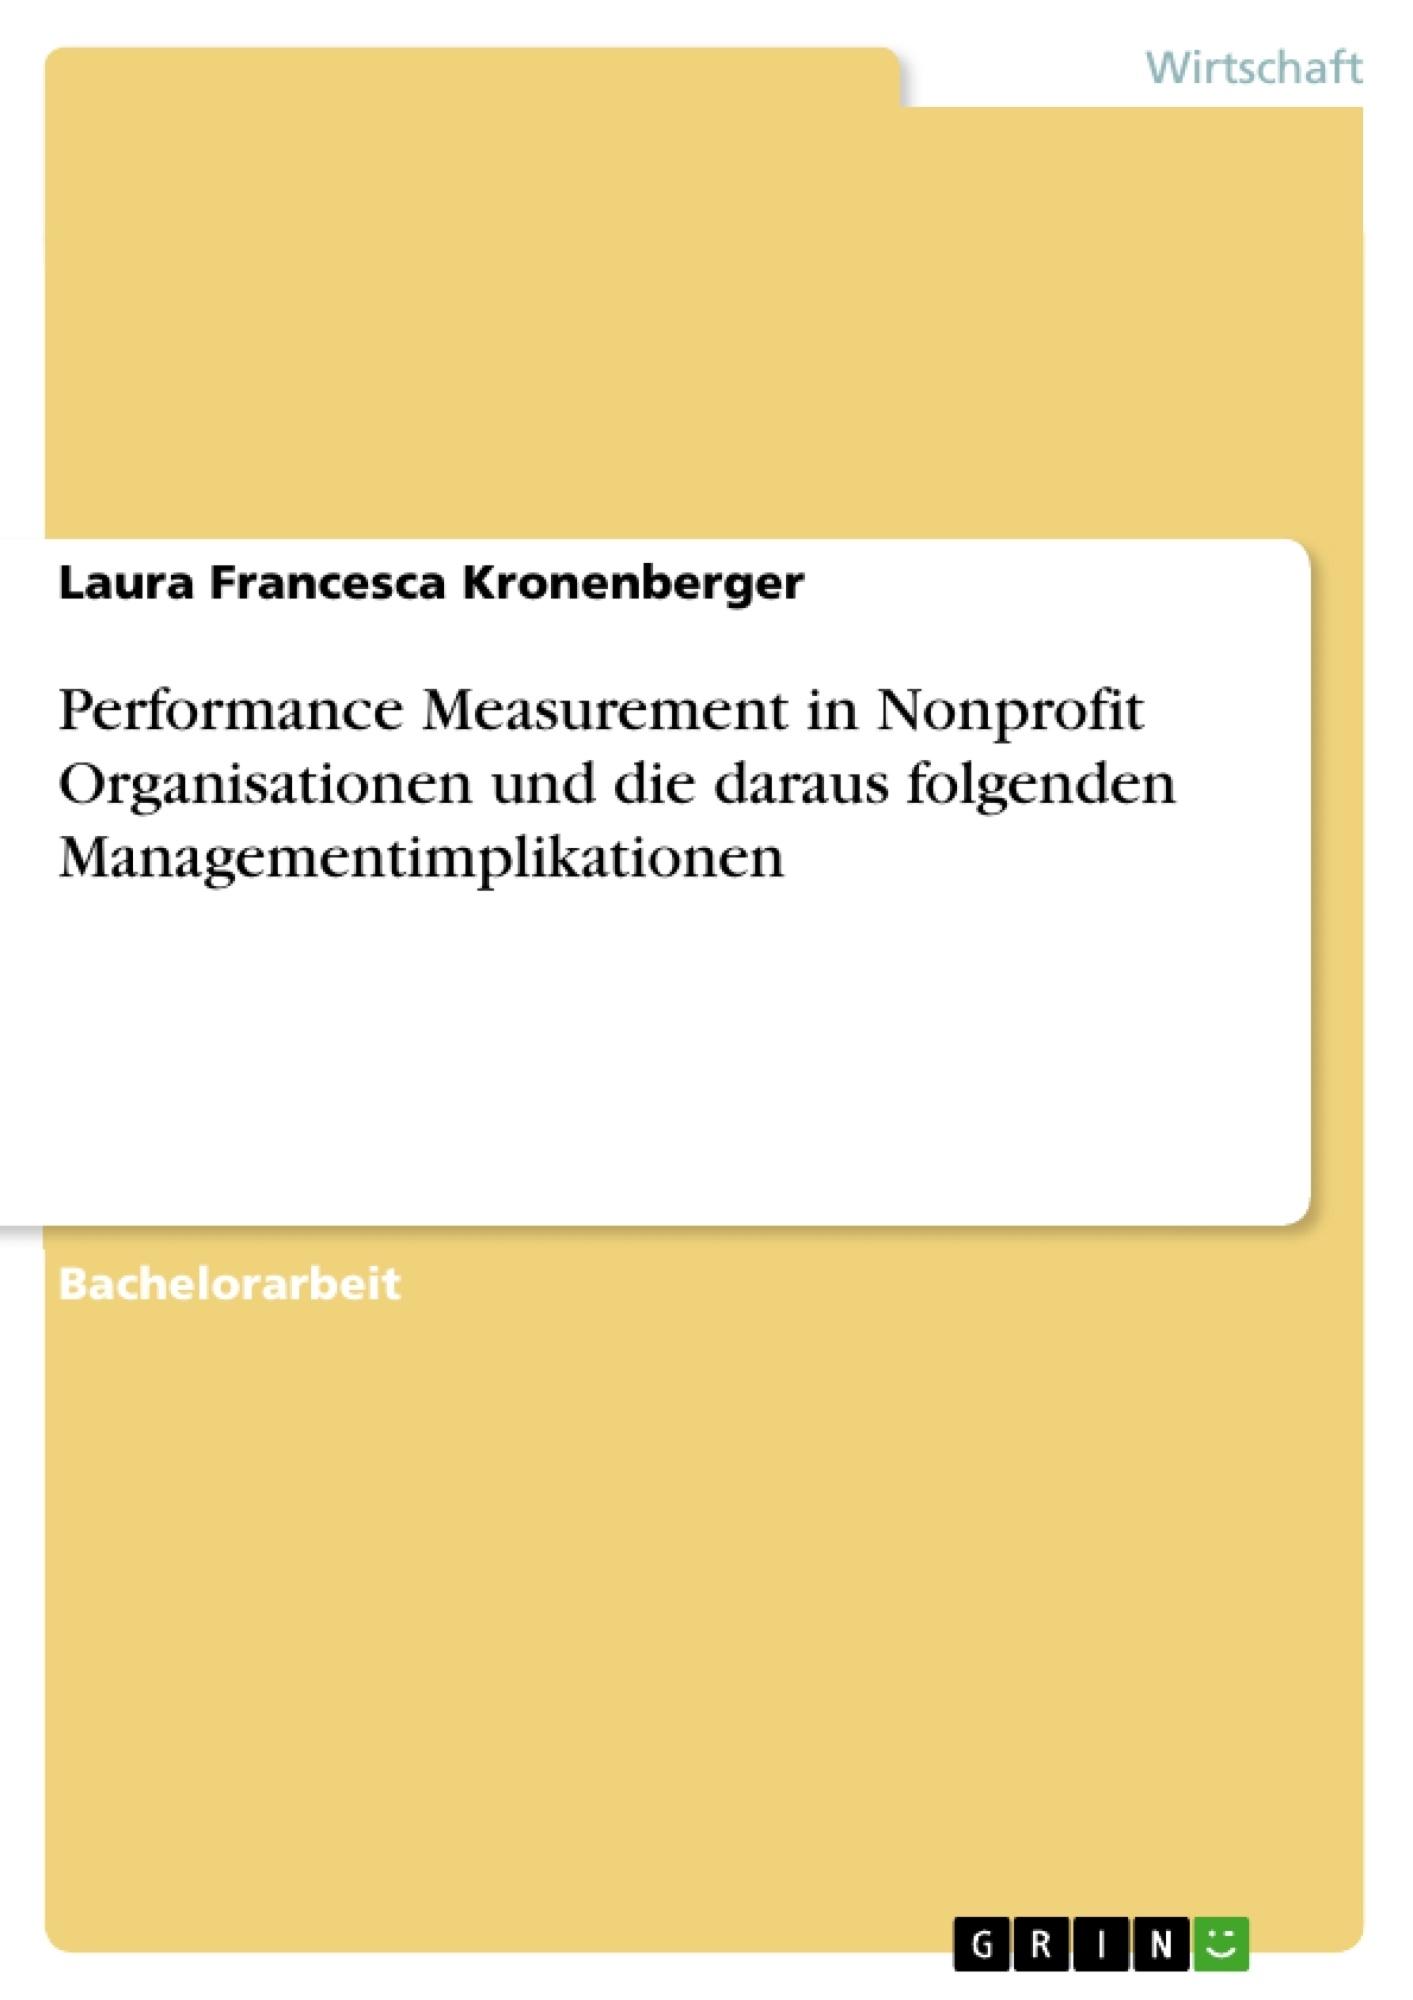 Titel: Performance Measurement in Nonprofit Organisationen und die daraus folgenden Managementimplikationen